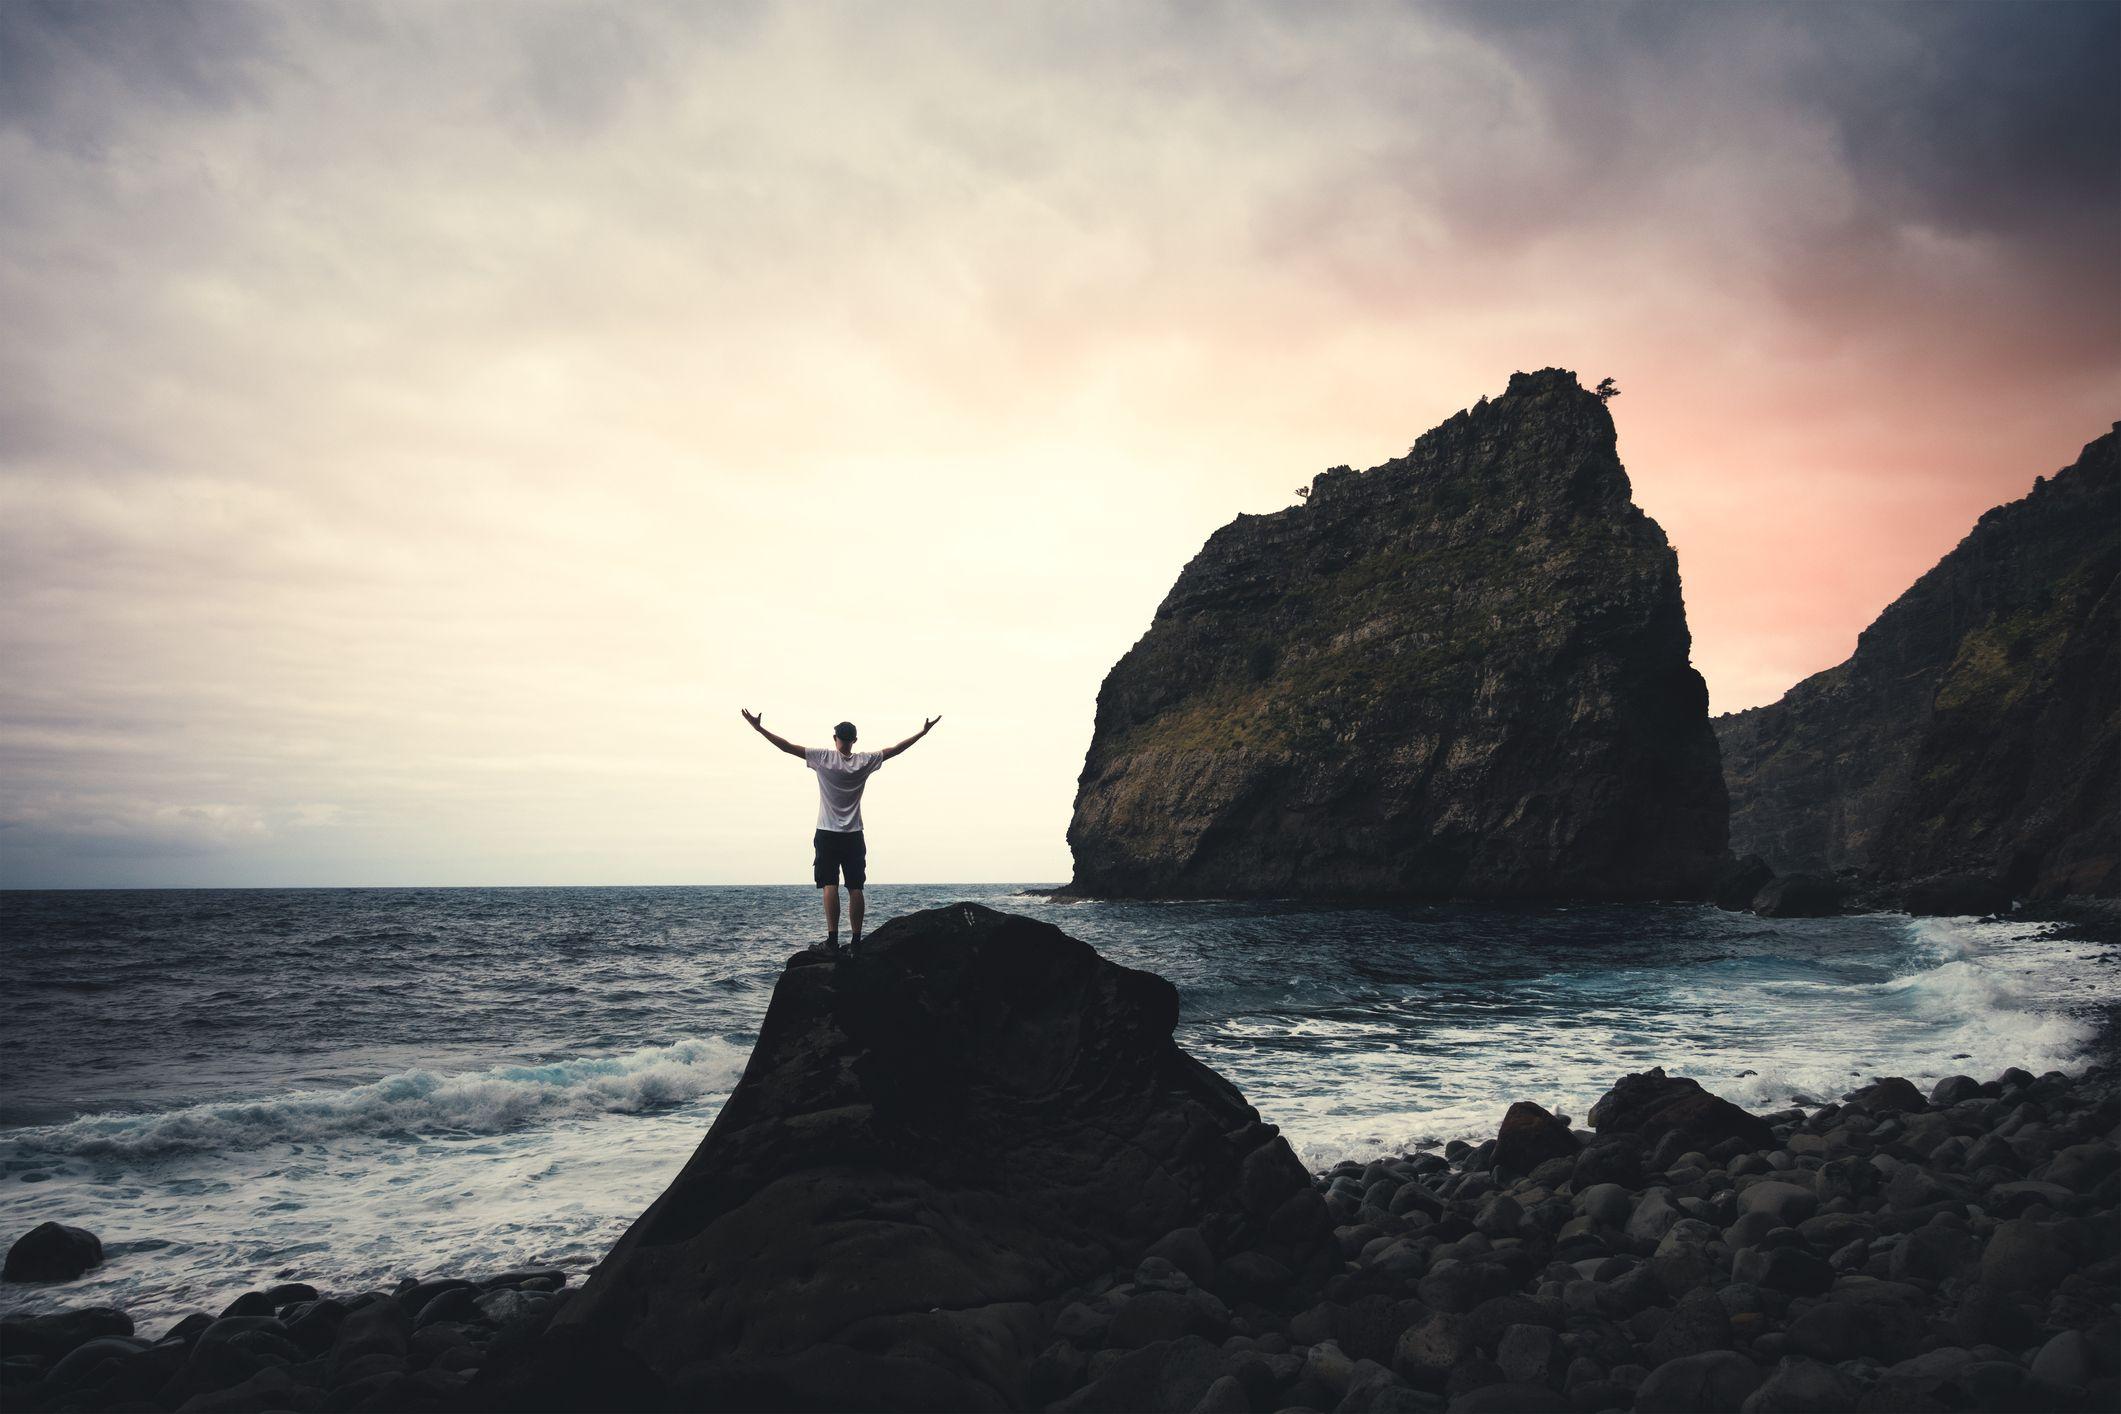 La pleine conscience réduit le stress et l'anxiété, entre autres avantages.